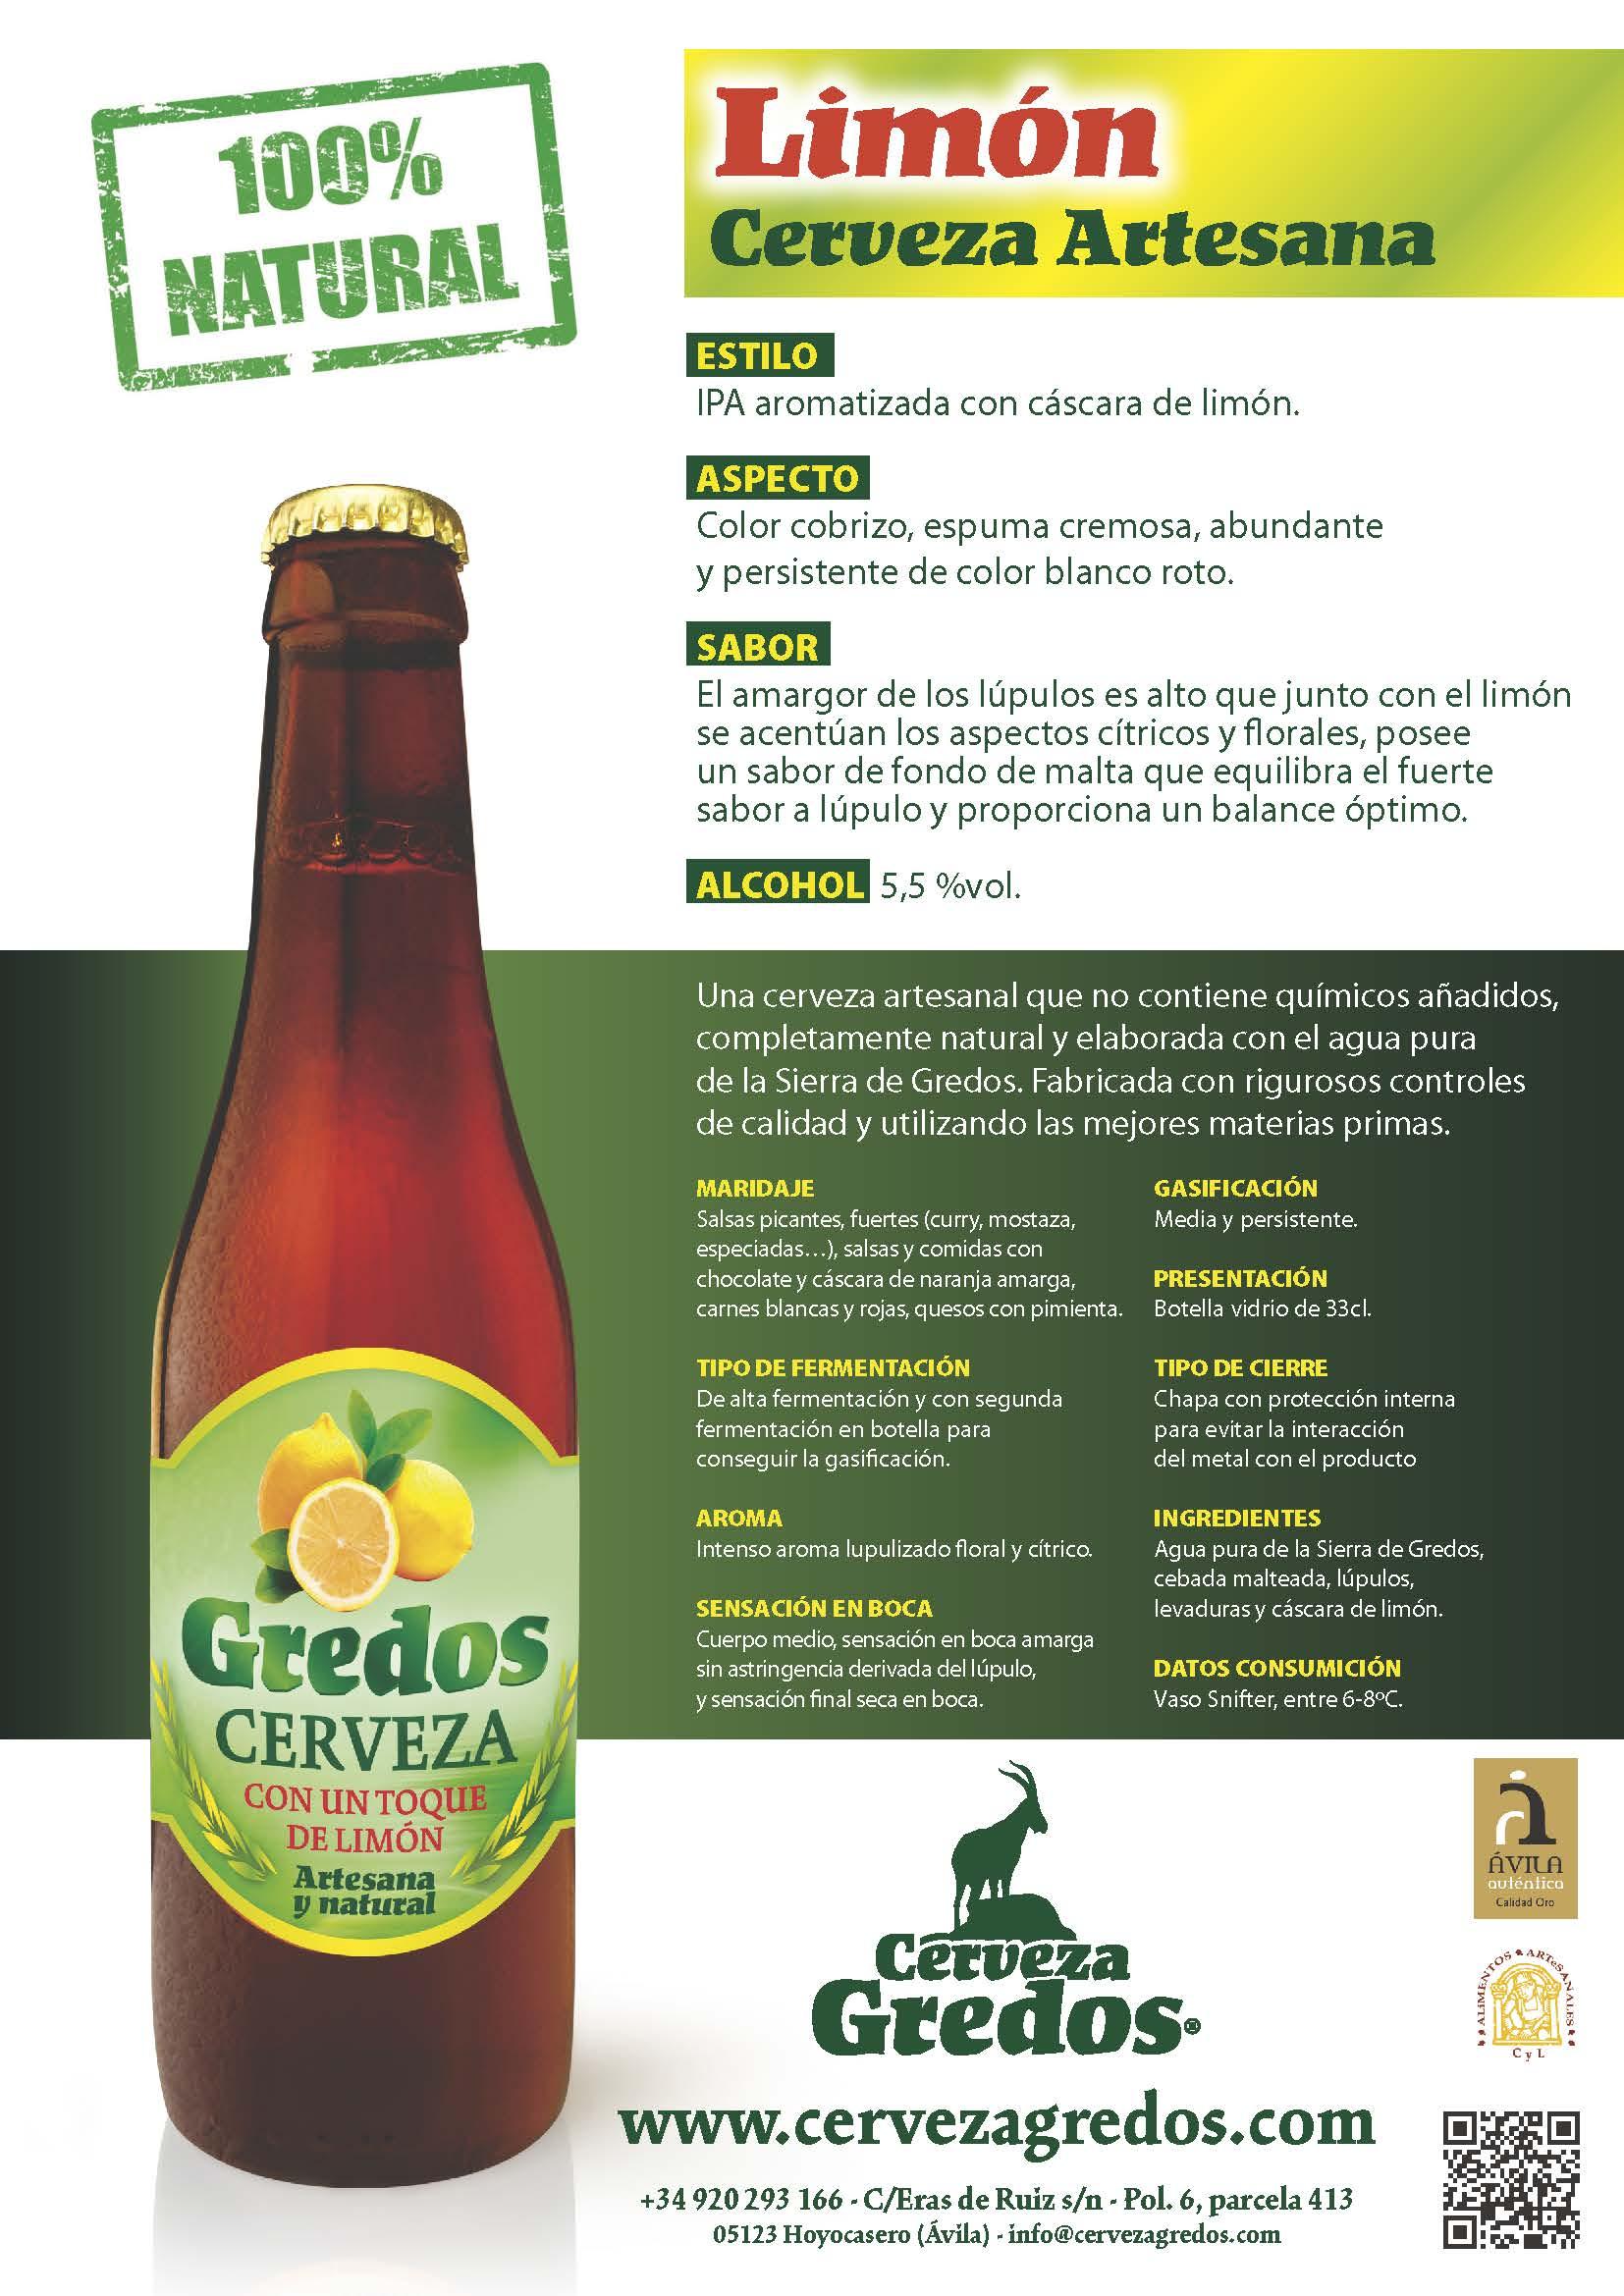 Cerveza artesana con limón gredos